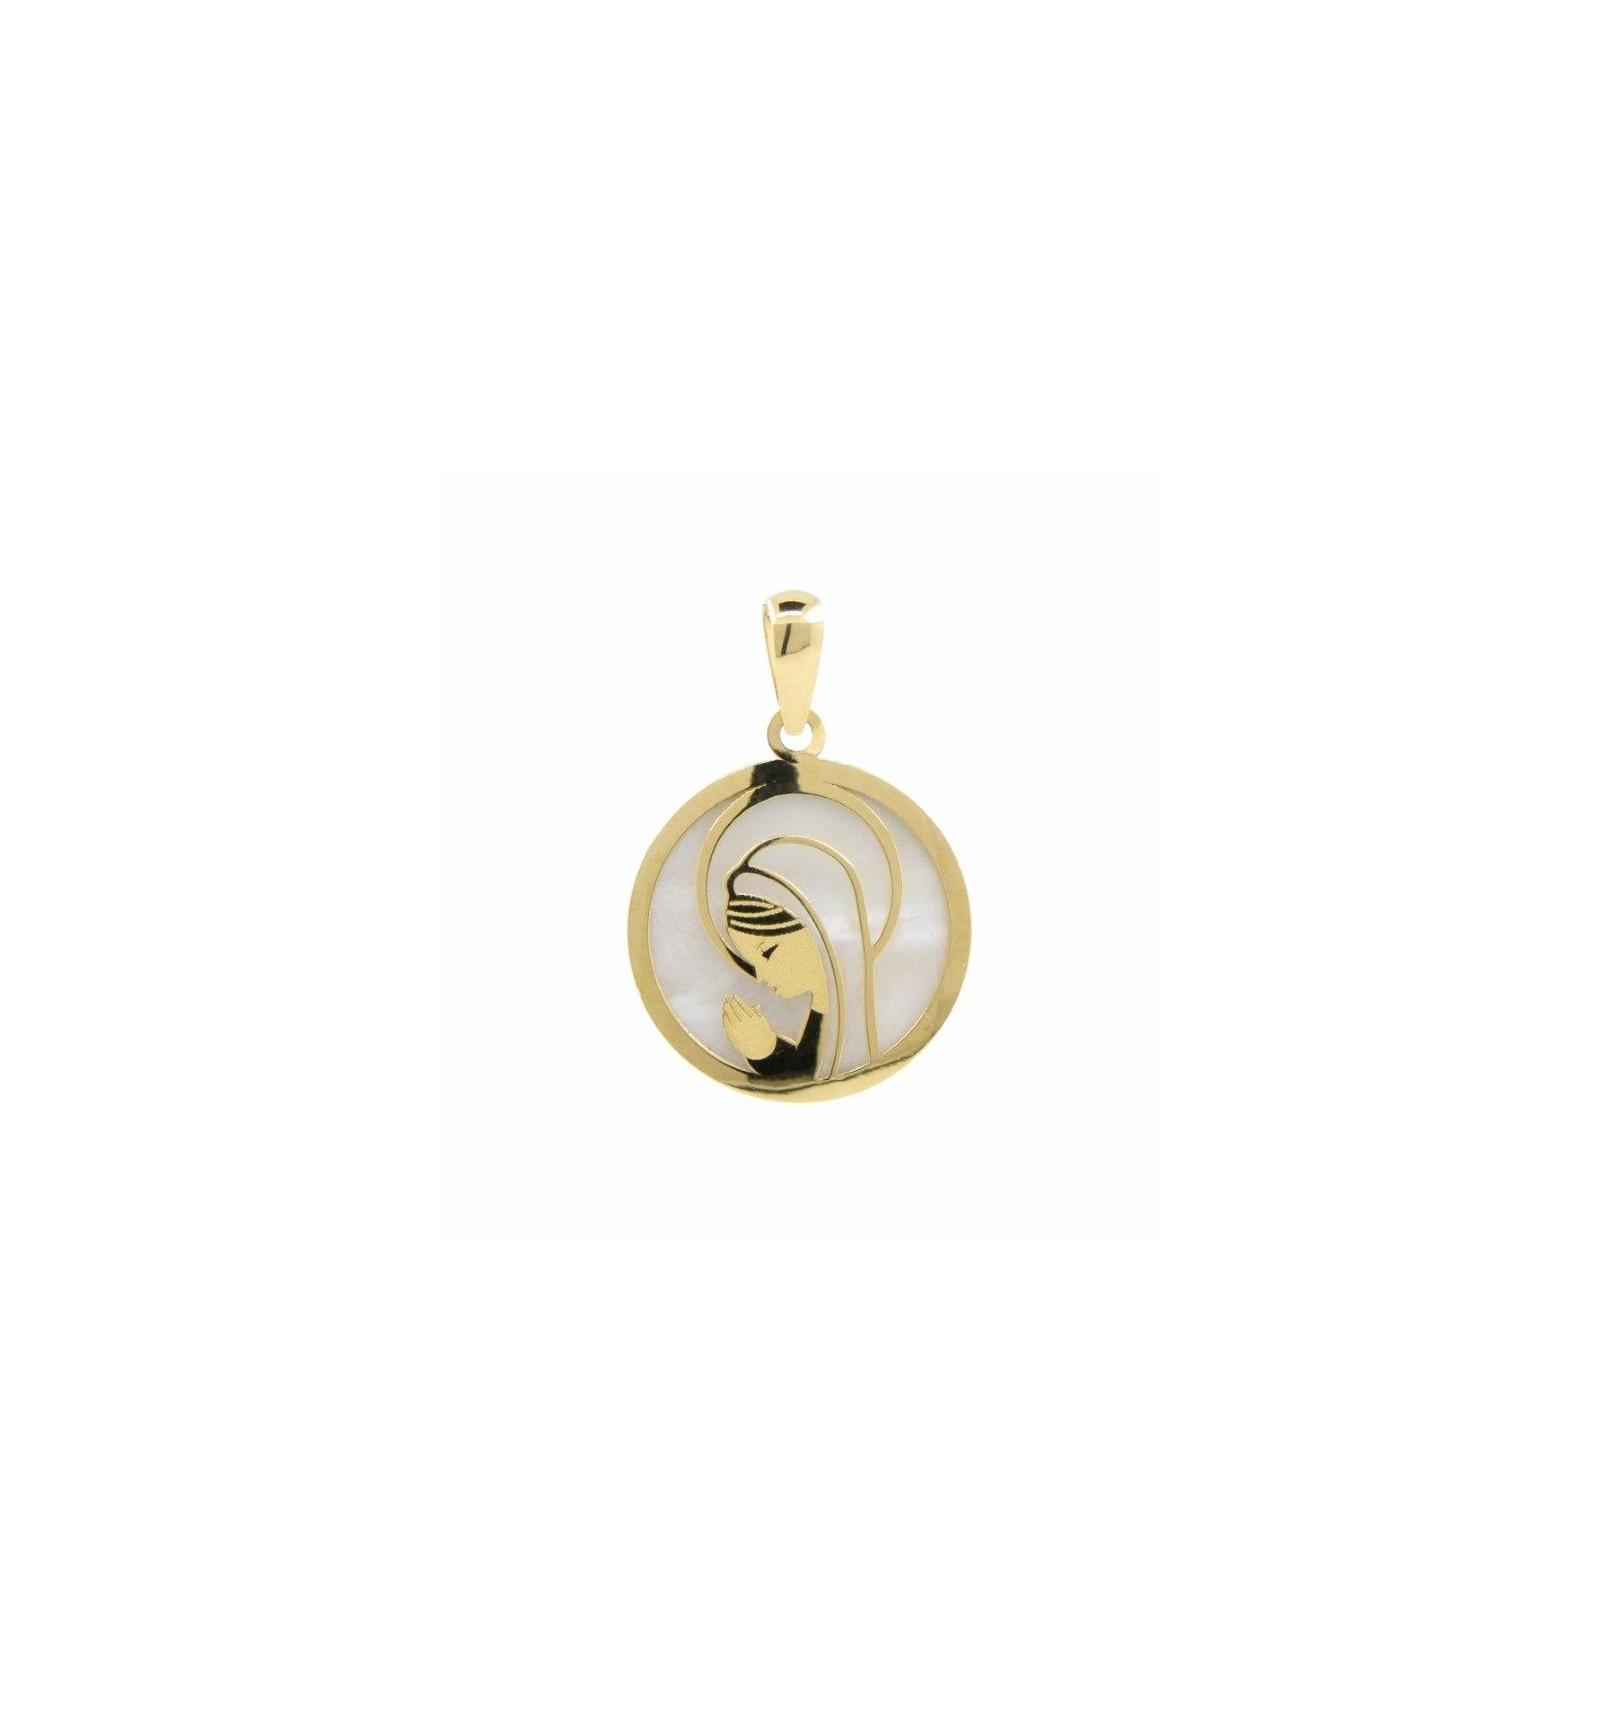 42a23b6f945 medalla para comunión de oro amarillo y nácar